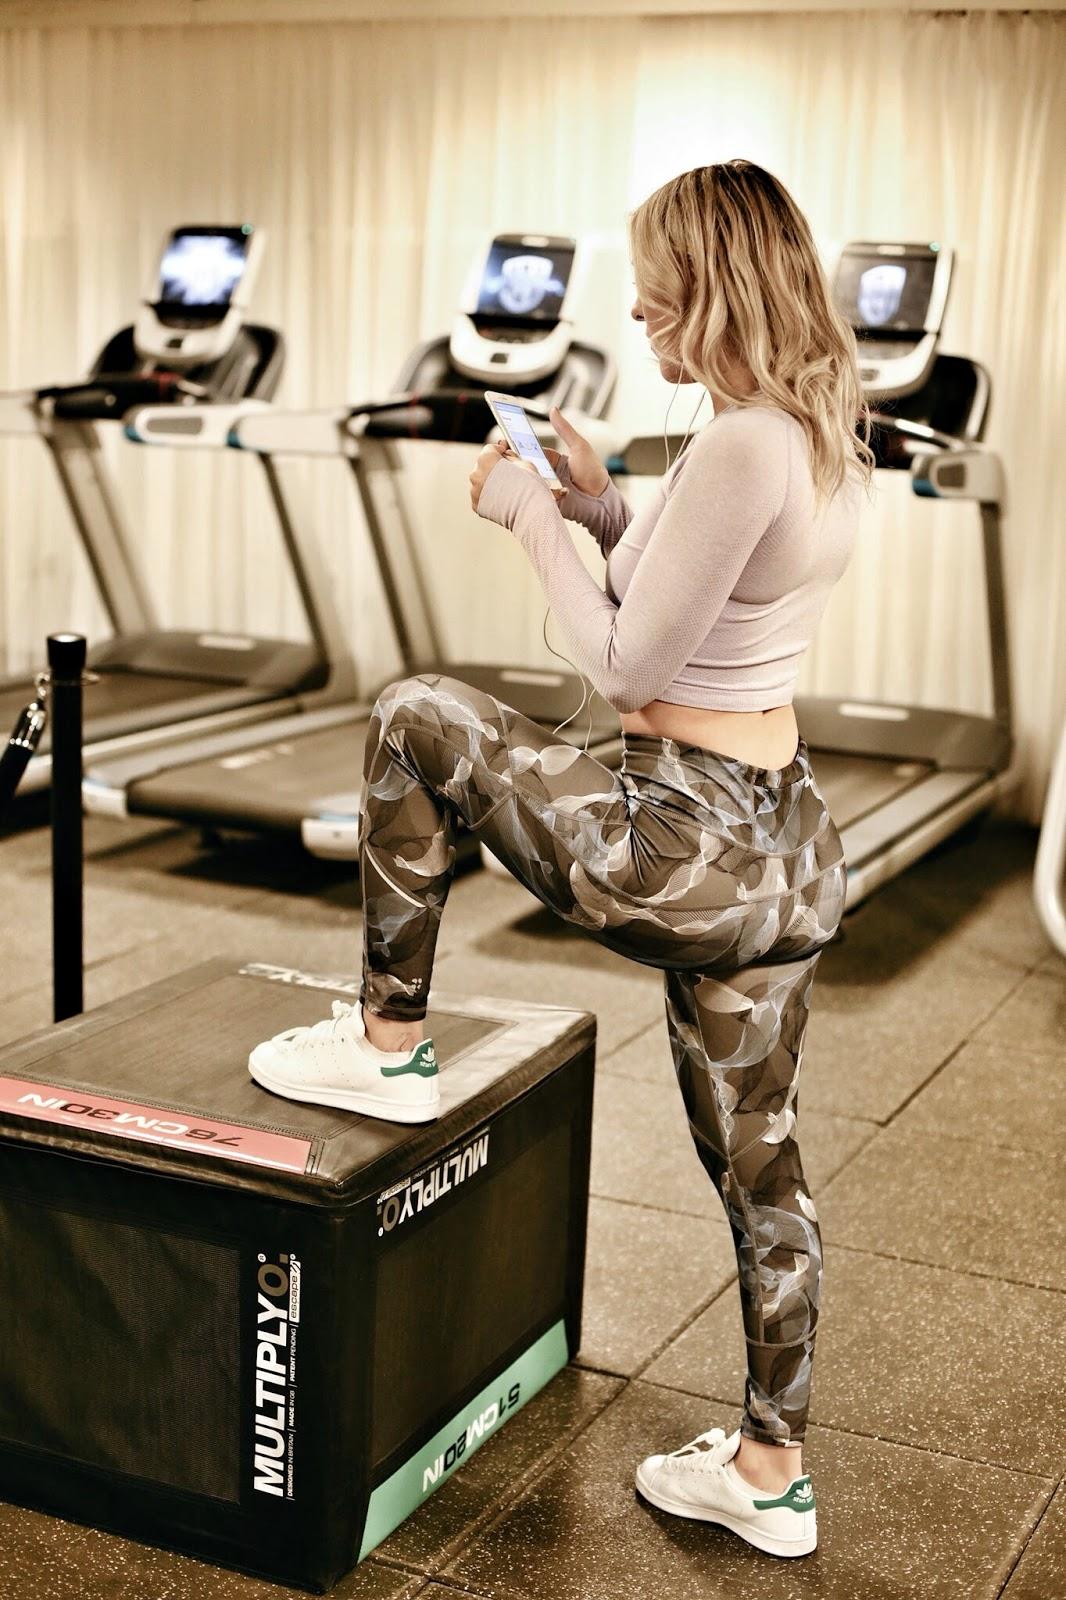 hudson hotel gym